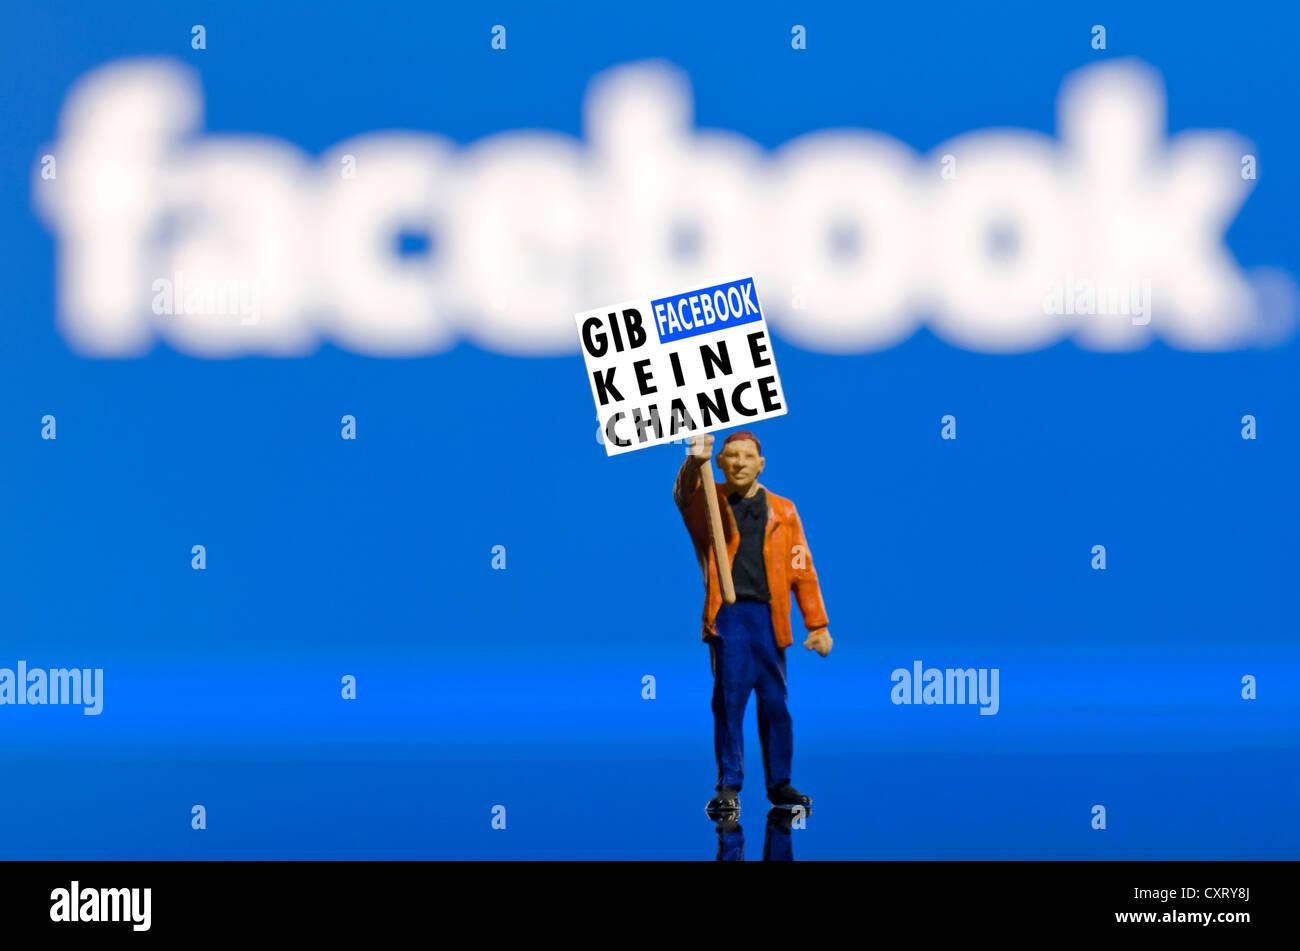 """Protester tenendo un bordo, lettering """"Gib Facebook keine opportunità"""", in tedesco per 'Nessuna Immagini Stock"""